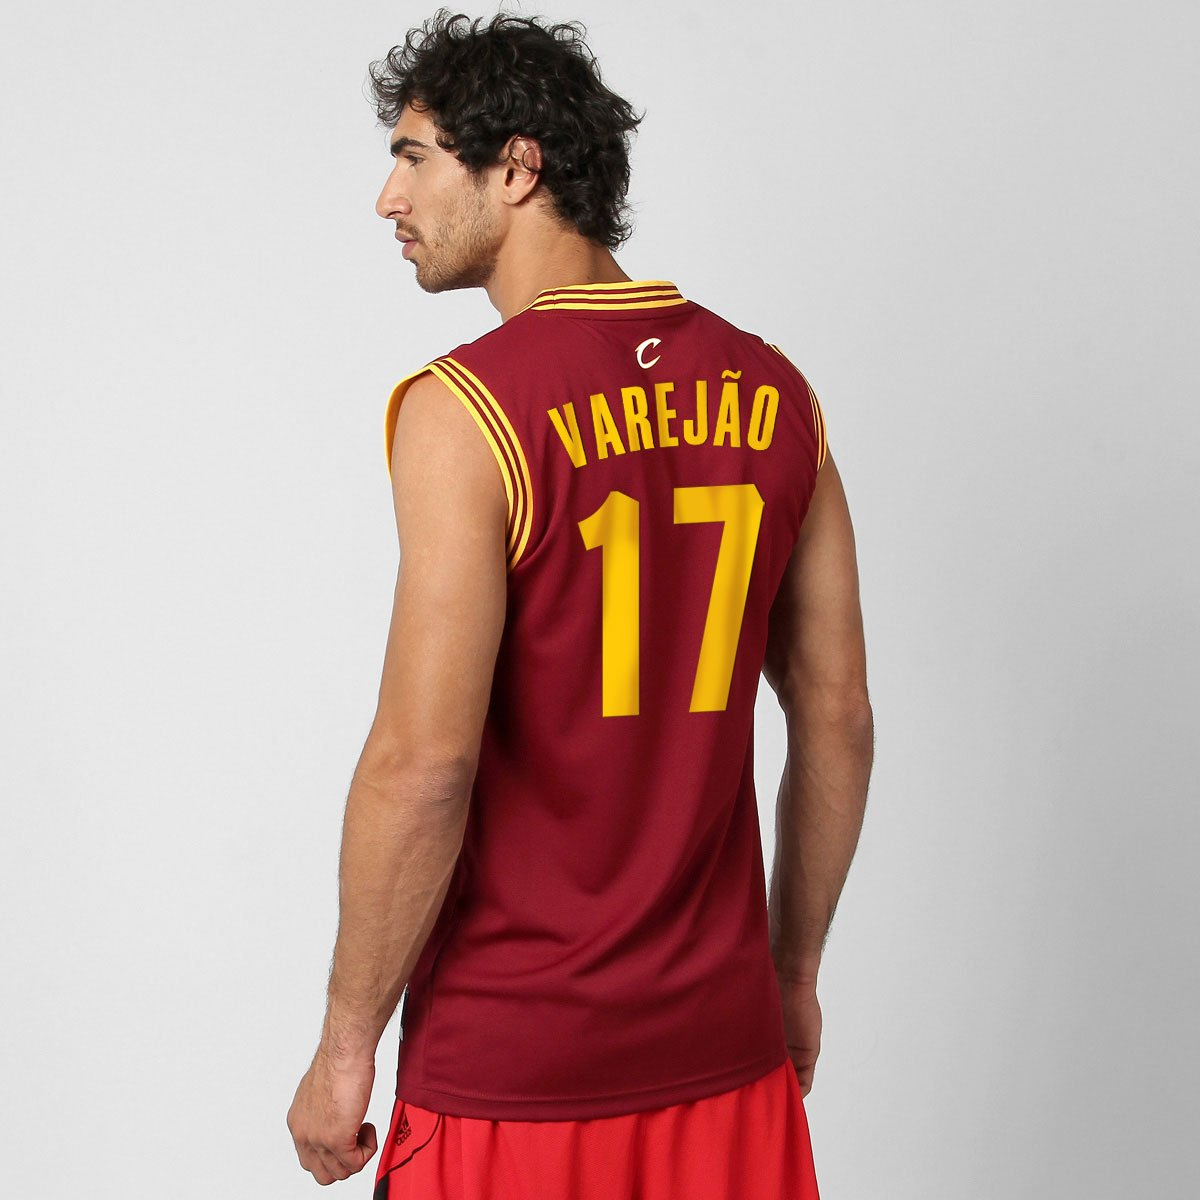 277152e655 Camiseta Regata Adidas Cleveland Cavaliers Road nº 17 - Varejão - Compre  Agora